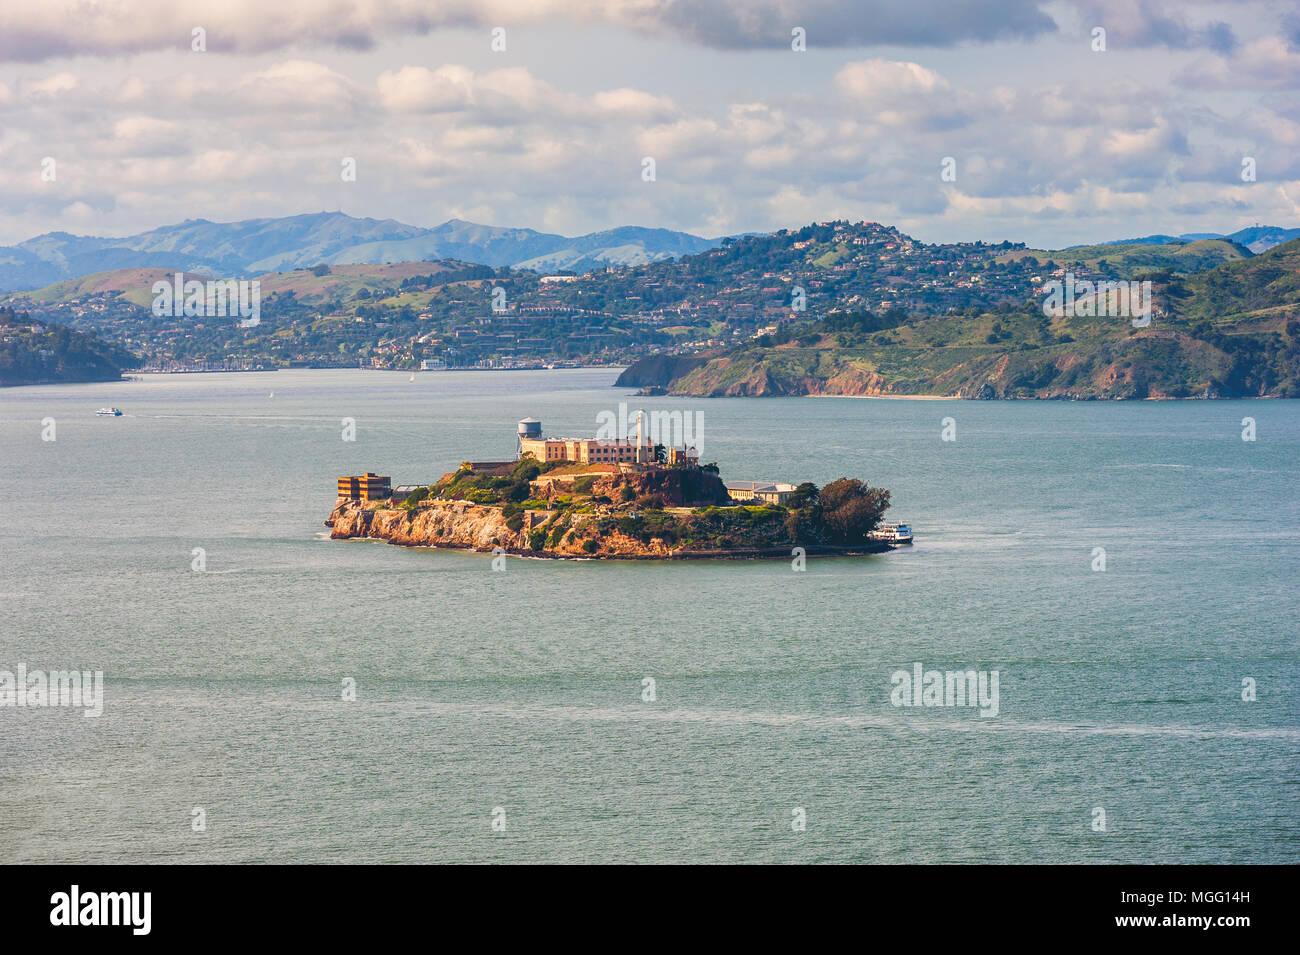 La Isla de Alcatraz, en la Bahía de San Francisco, a 1,25 millas de la costa de San Francisco, California, EE.UU. Foto de stock